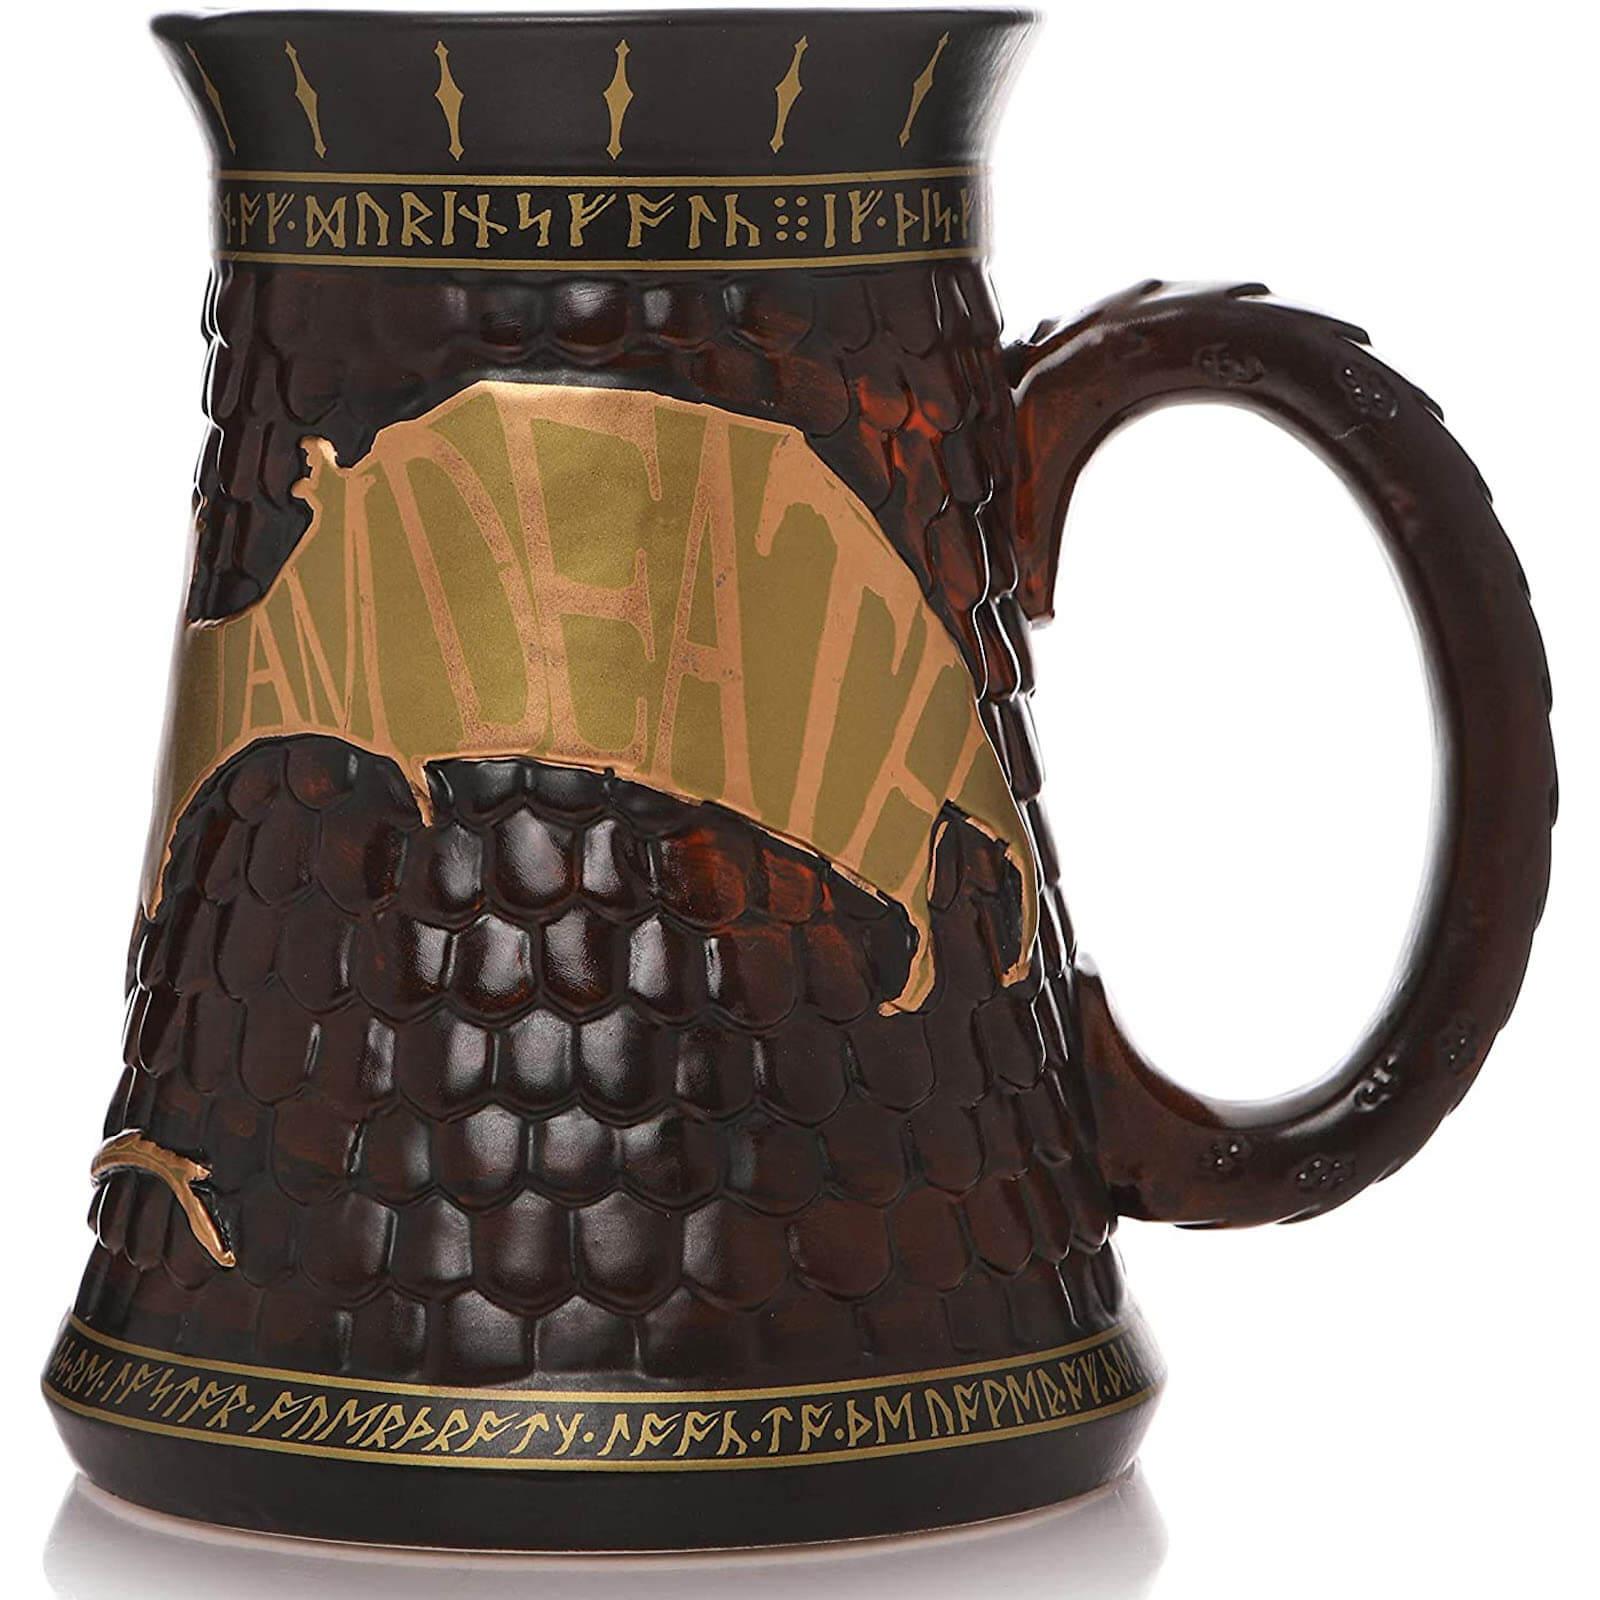 Image of The Hobbit Smaug Collectible Mug